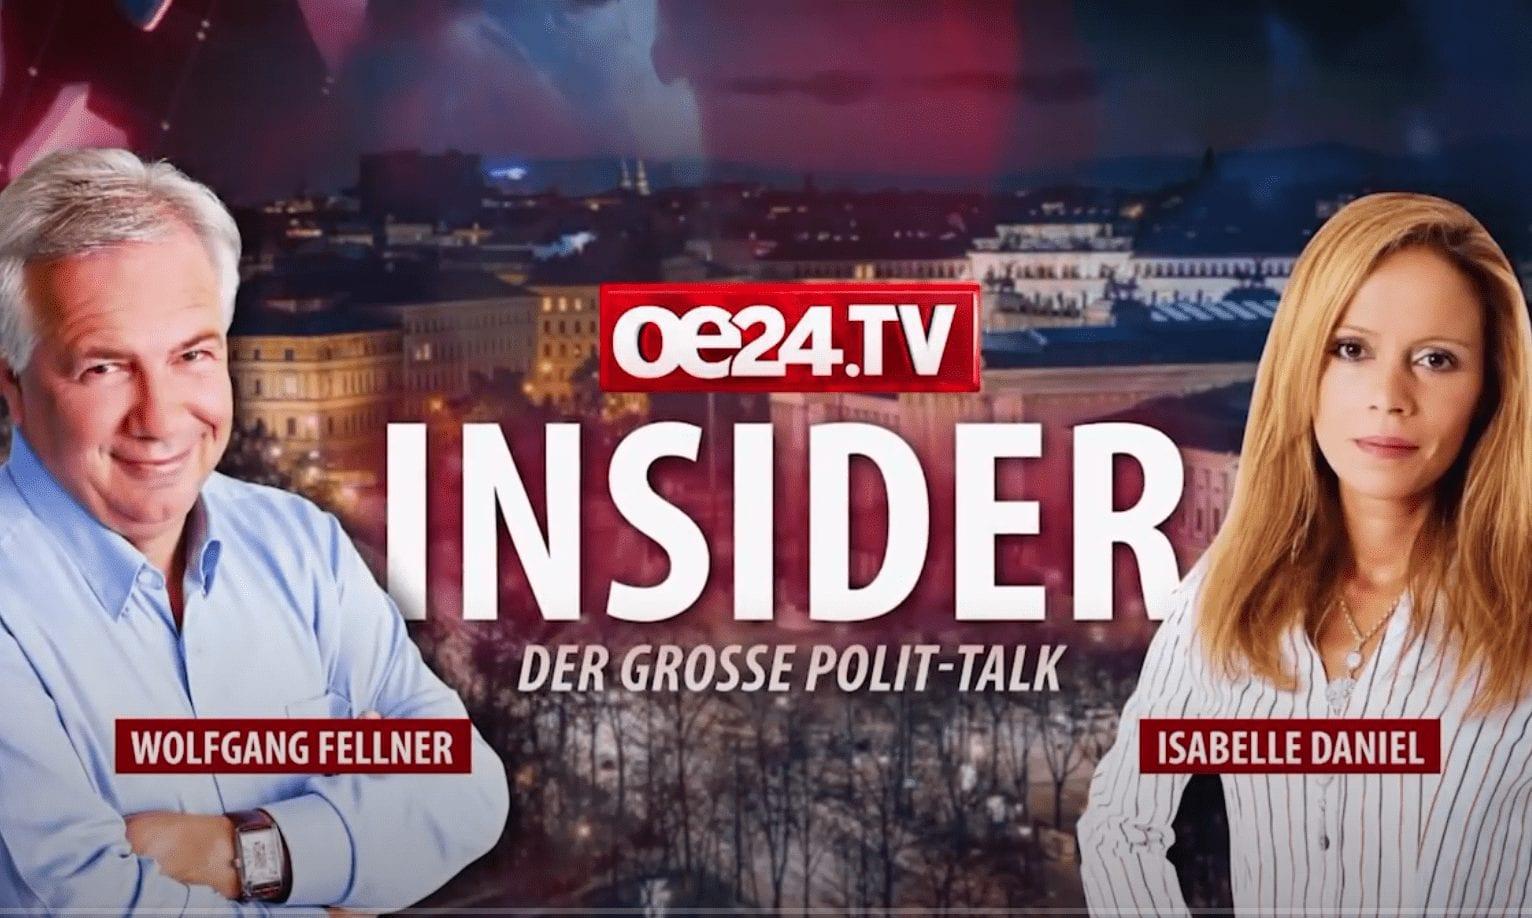 """Wolfgang Fellner outet sich im Prozess: oe24-TV-Magazin """"Die Insider"""" ist Scherzmagazin ohne Fakten"""